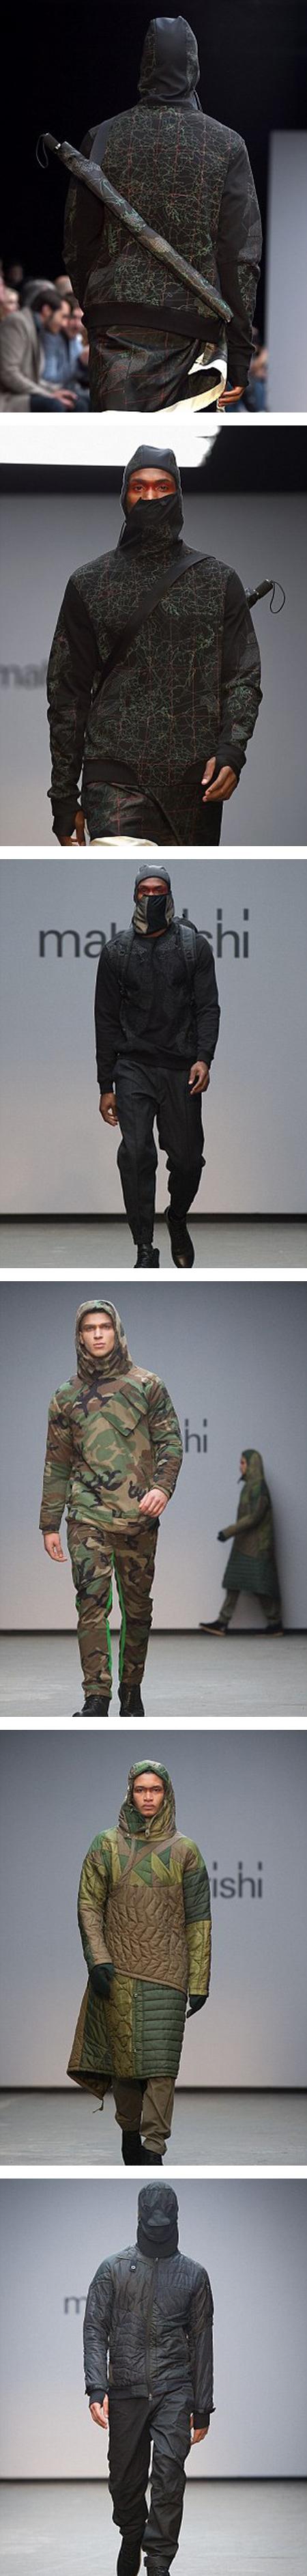 أزياء لملابس شبيهة بثياب داعش